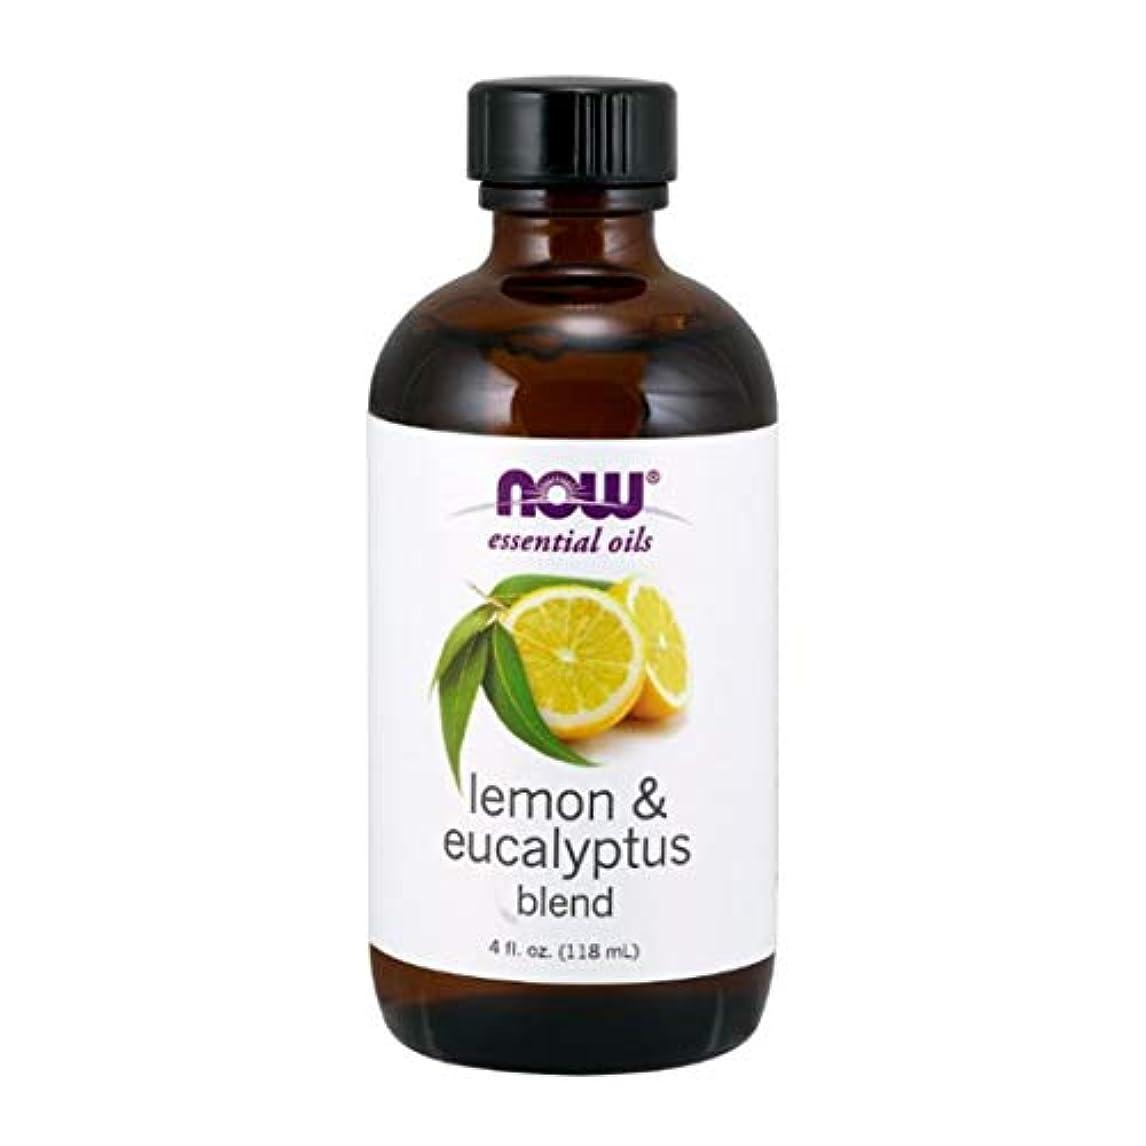 概してステーキ不良Now - Lemon & Eucalyptus Blend With Lemongrass 4 oz (118 ml) [並行輸入品]